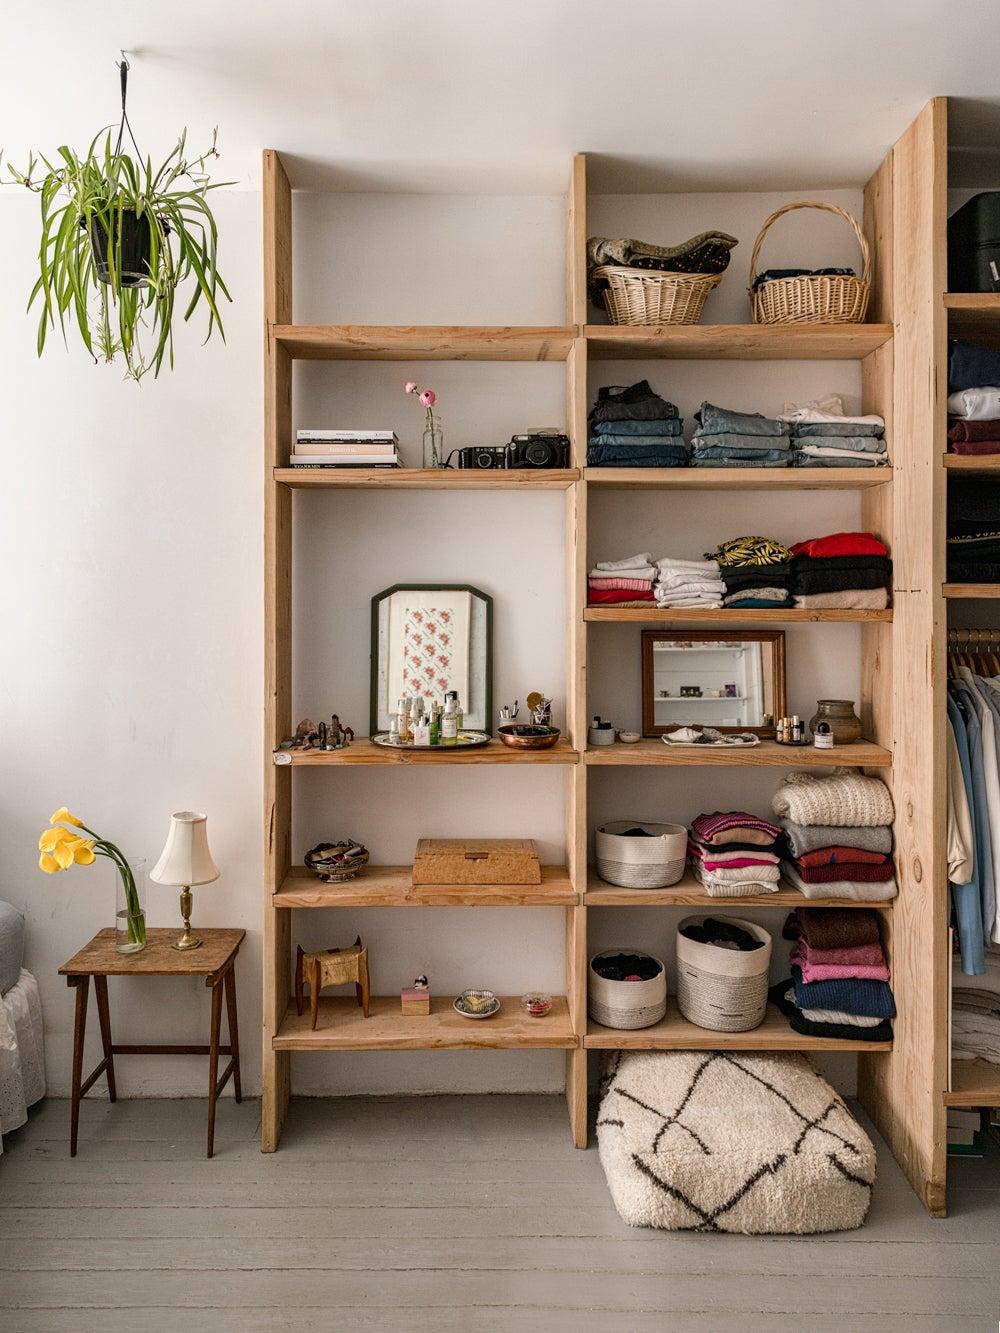 wooden built-in shelves